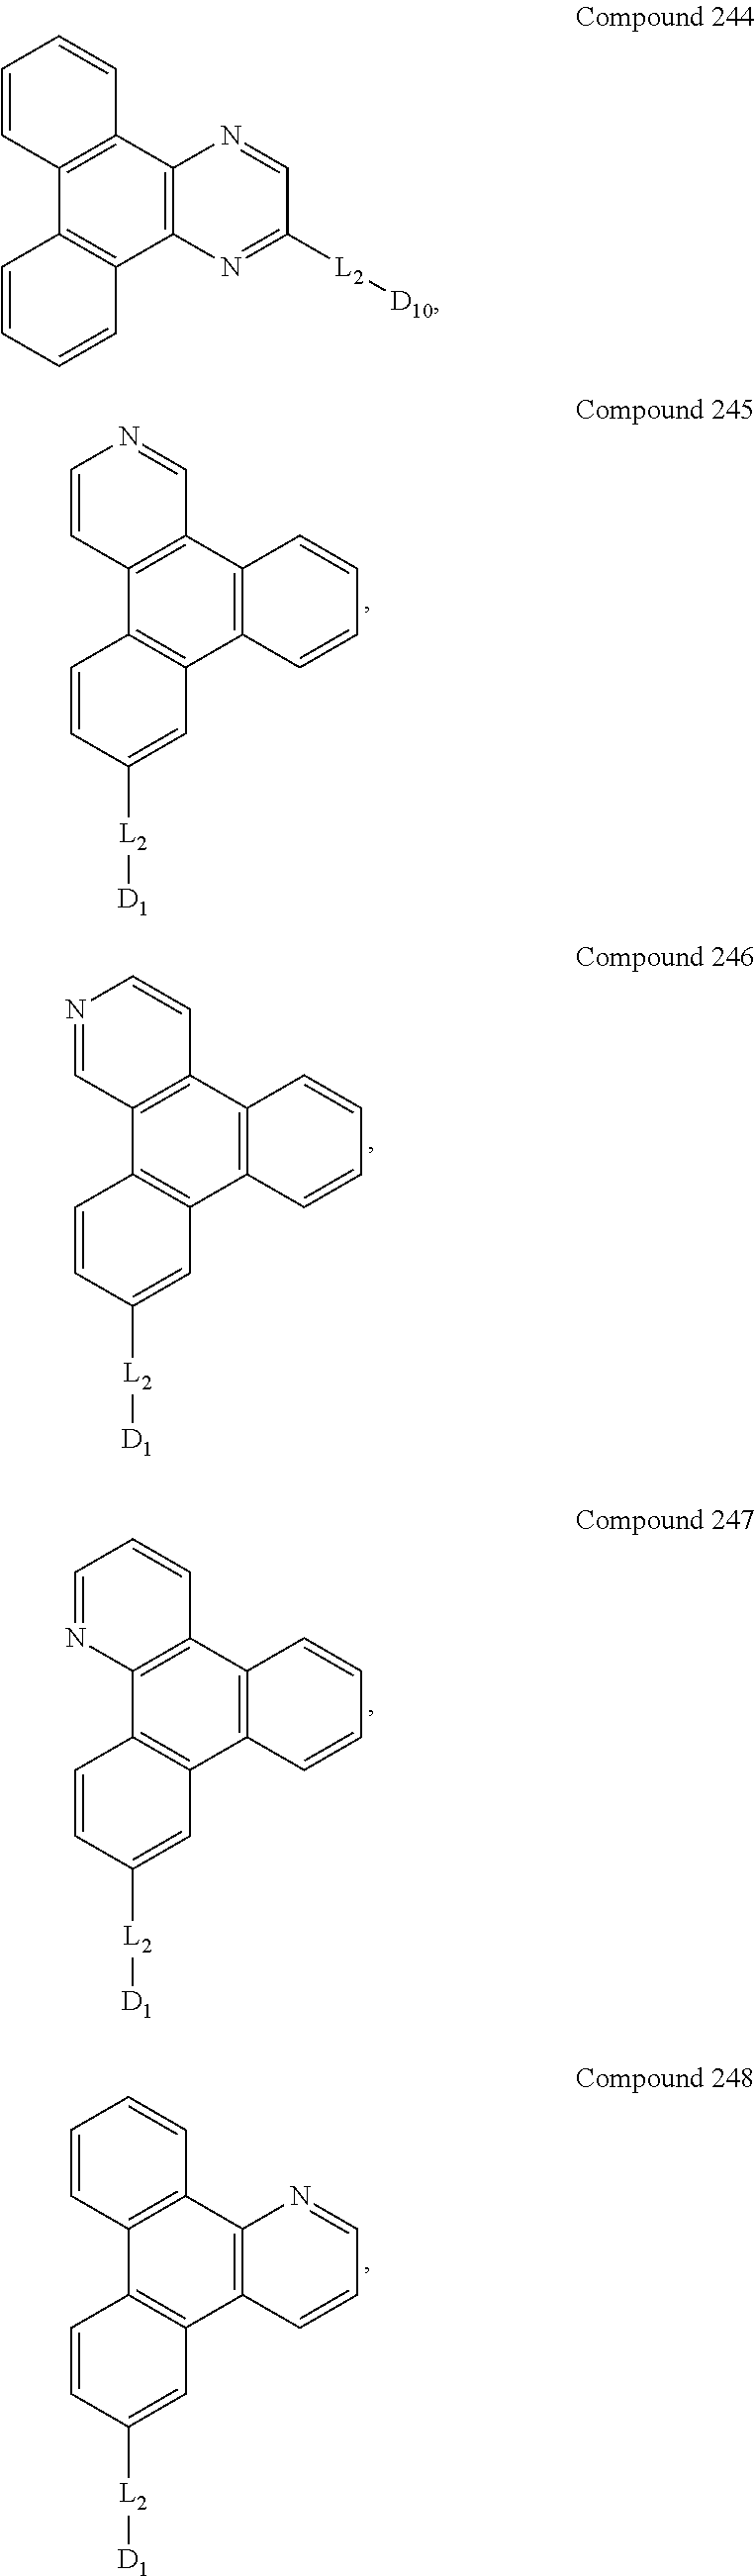 Figure US09537106-20170103-C00620